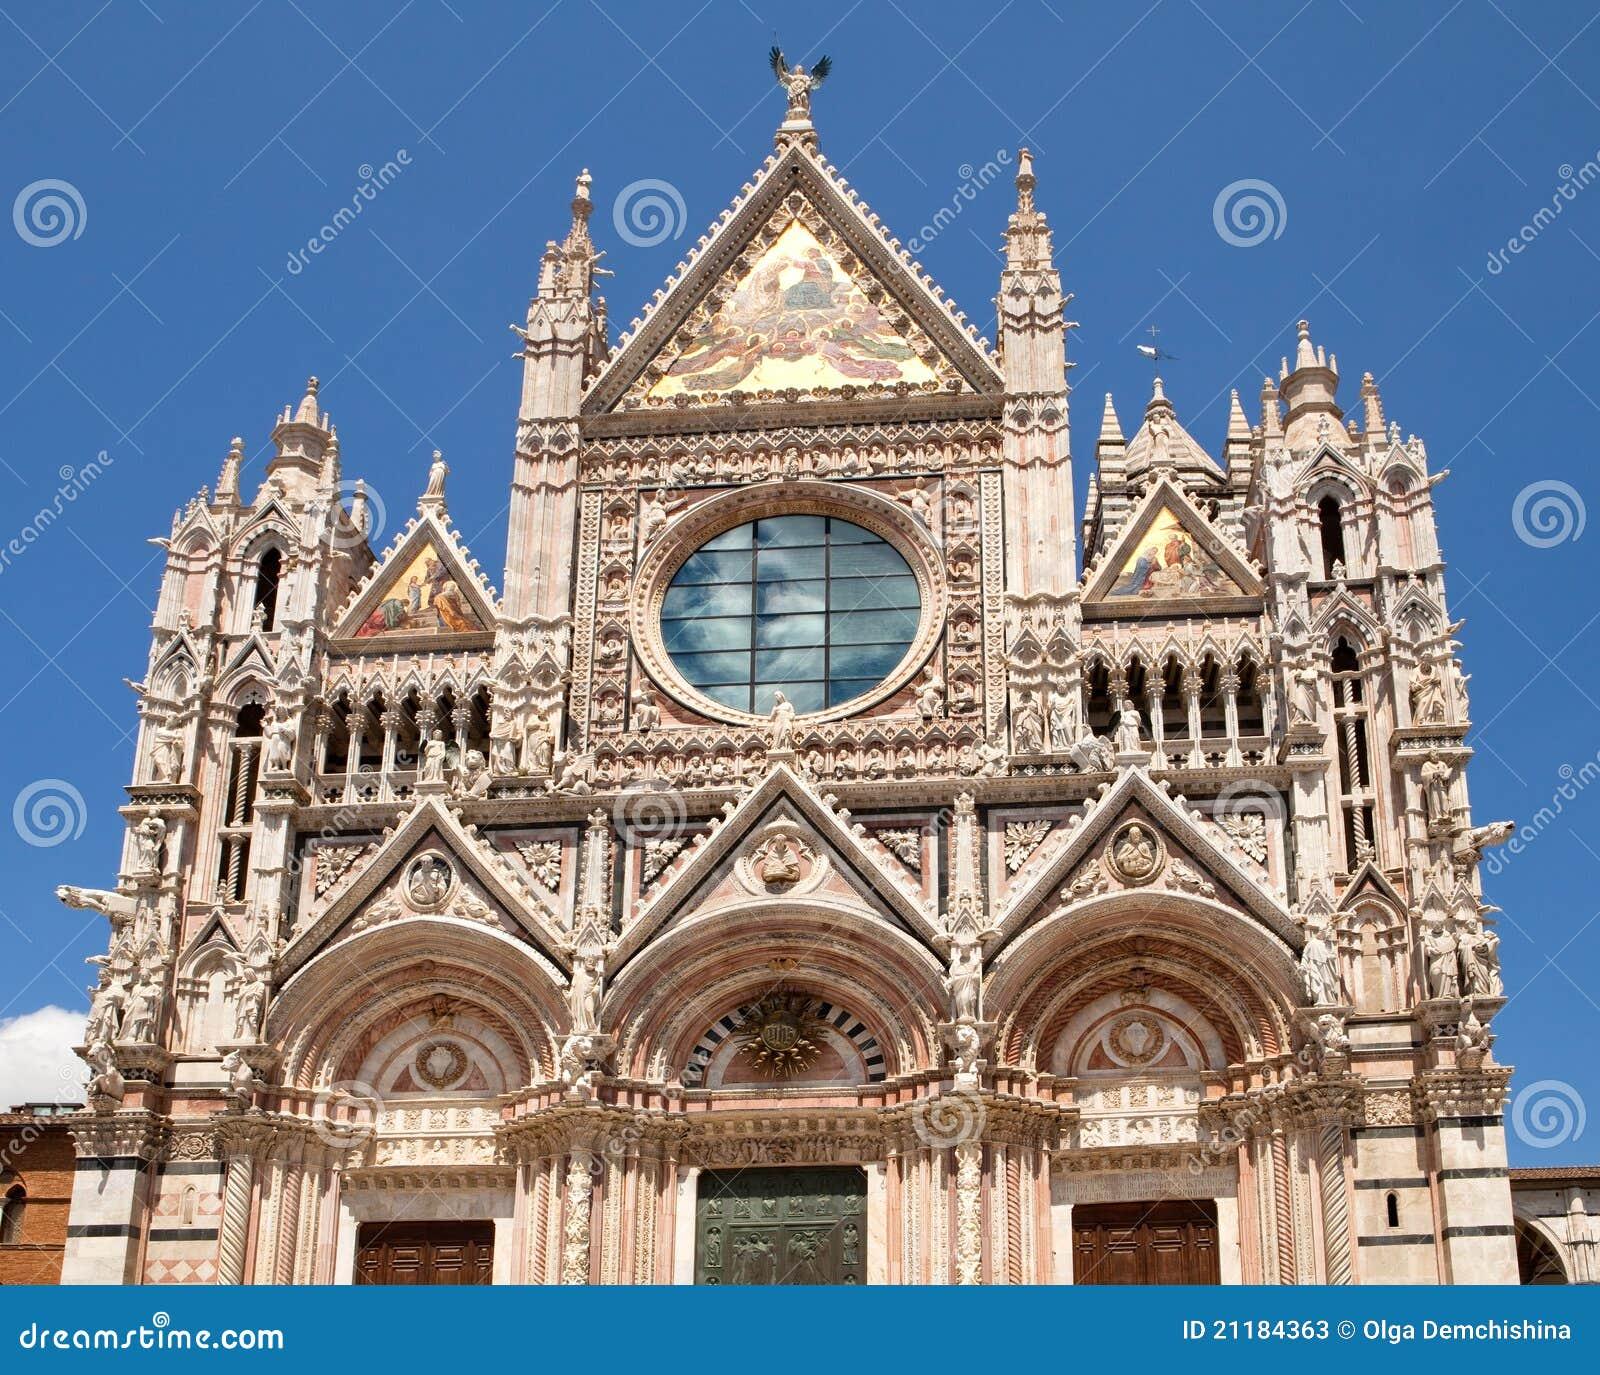 Facade of Siena dome, Italy